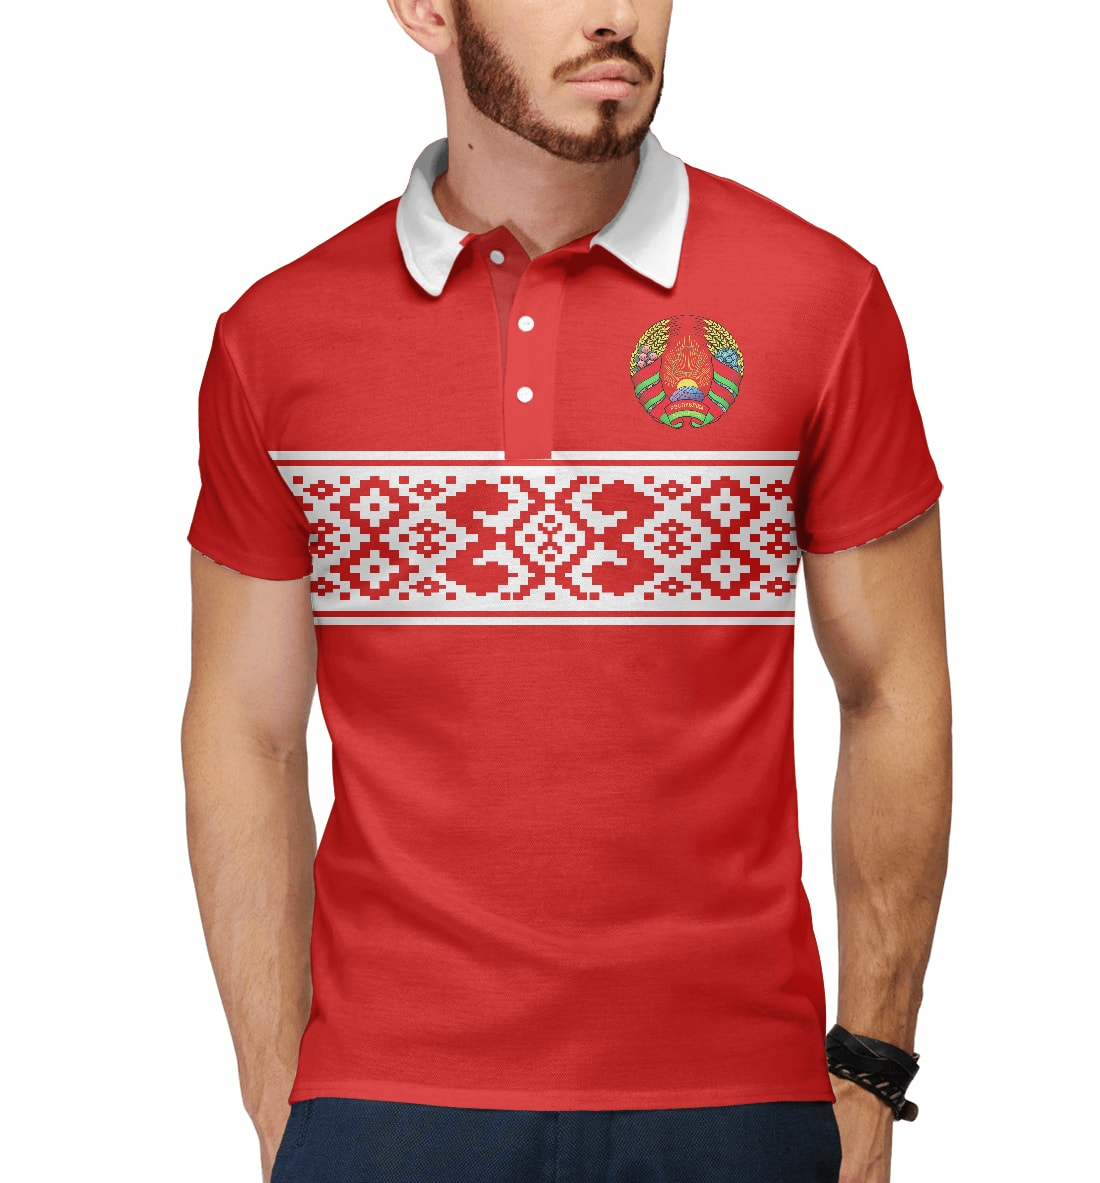 Можно прикупить такую футболку